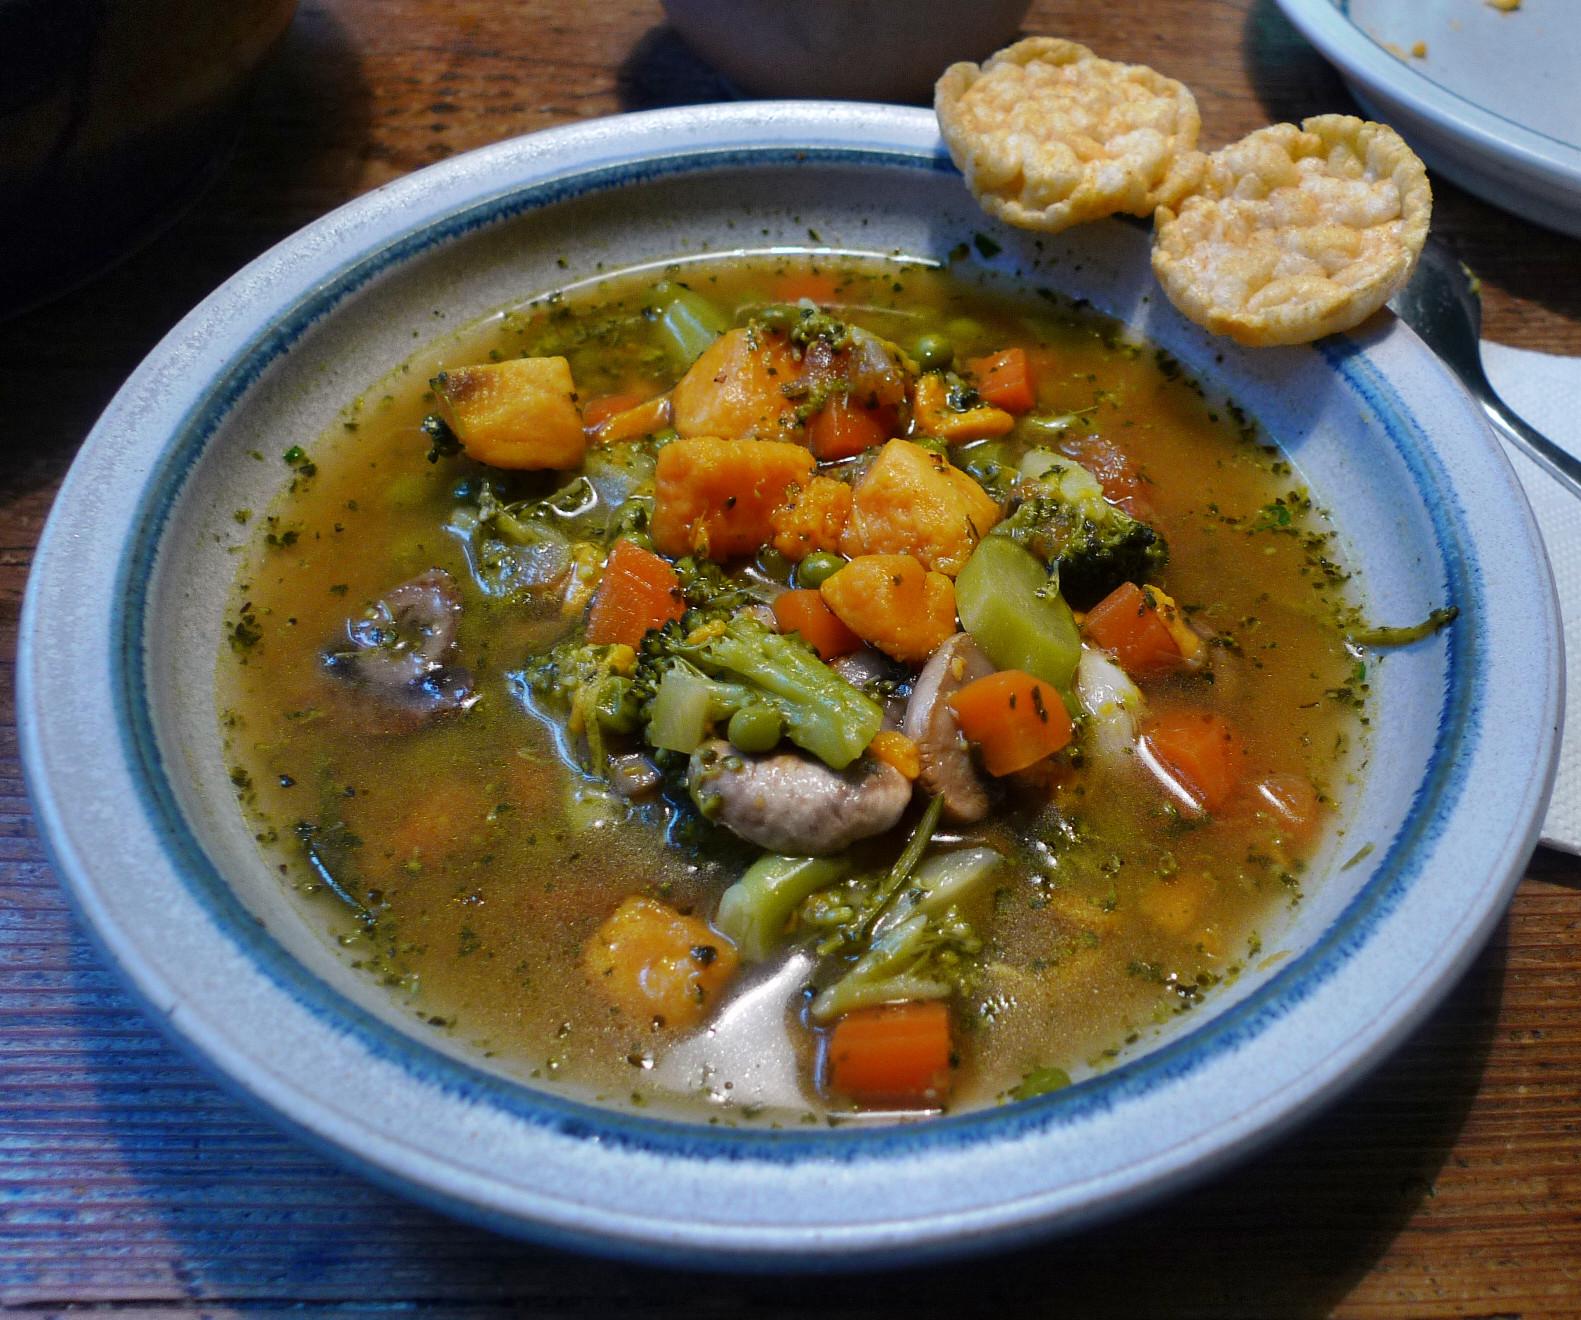 Gemüsesuppe mit Cräcker-6.3.15   (16)